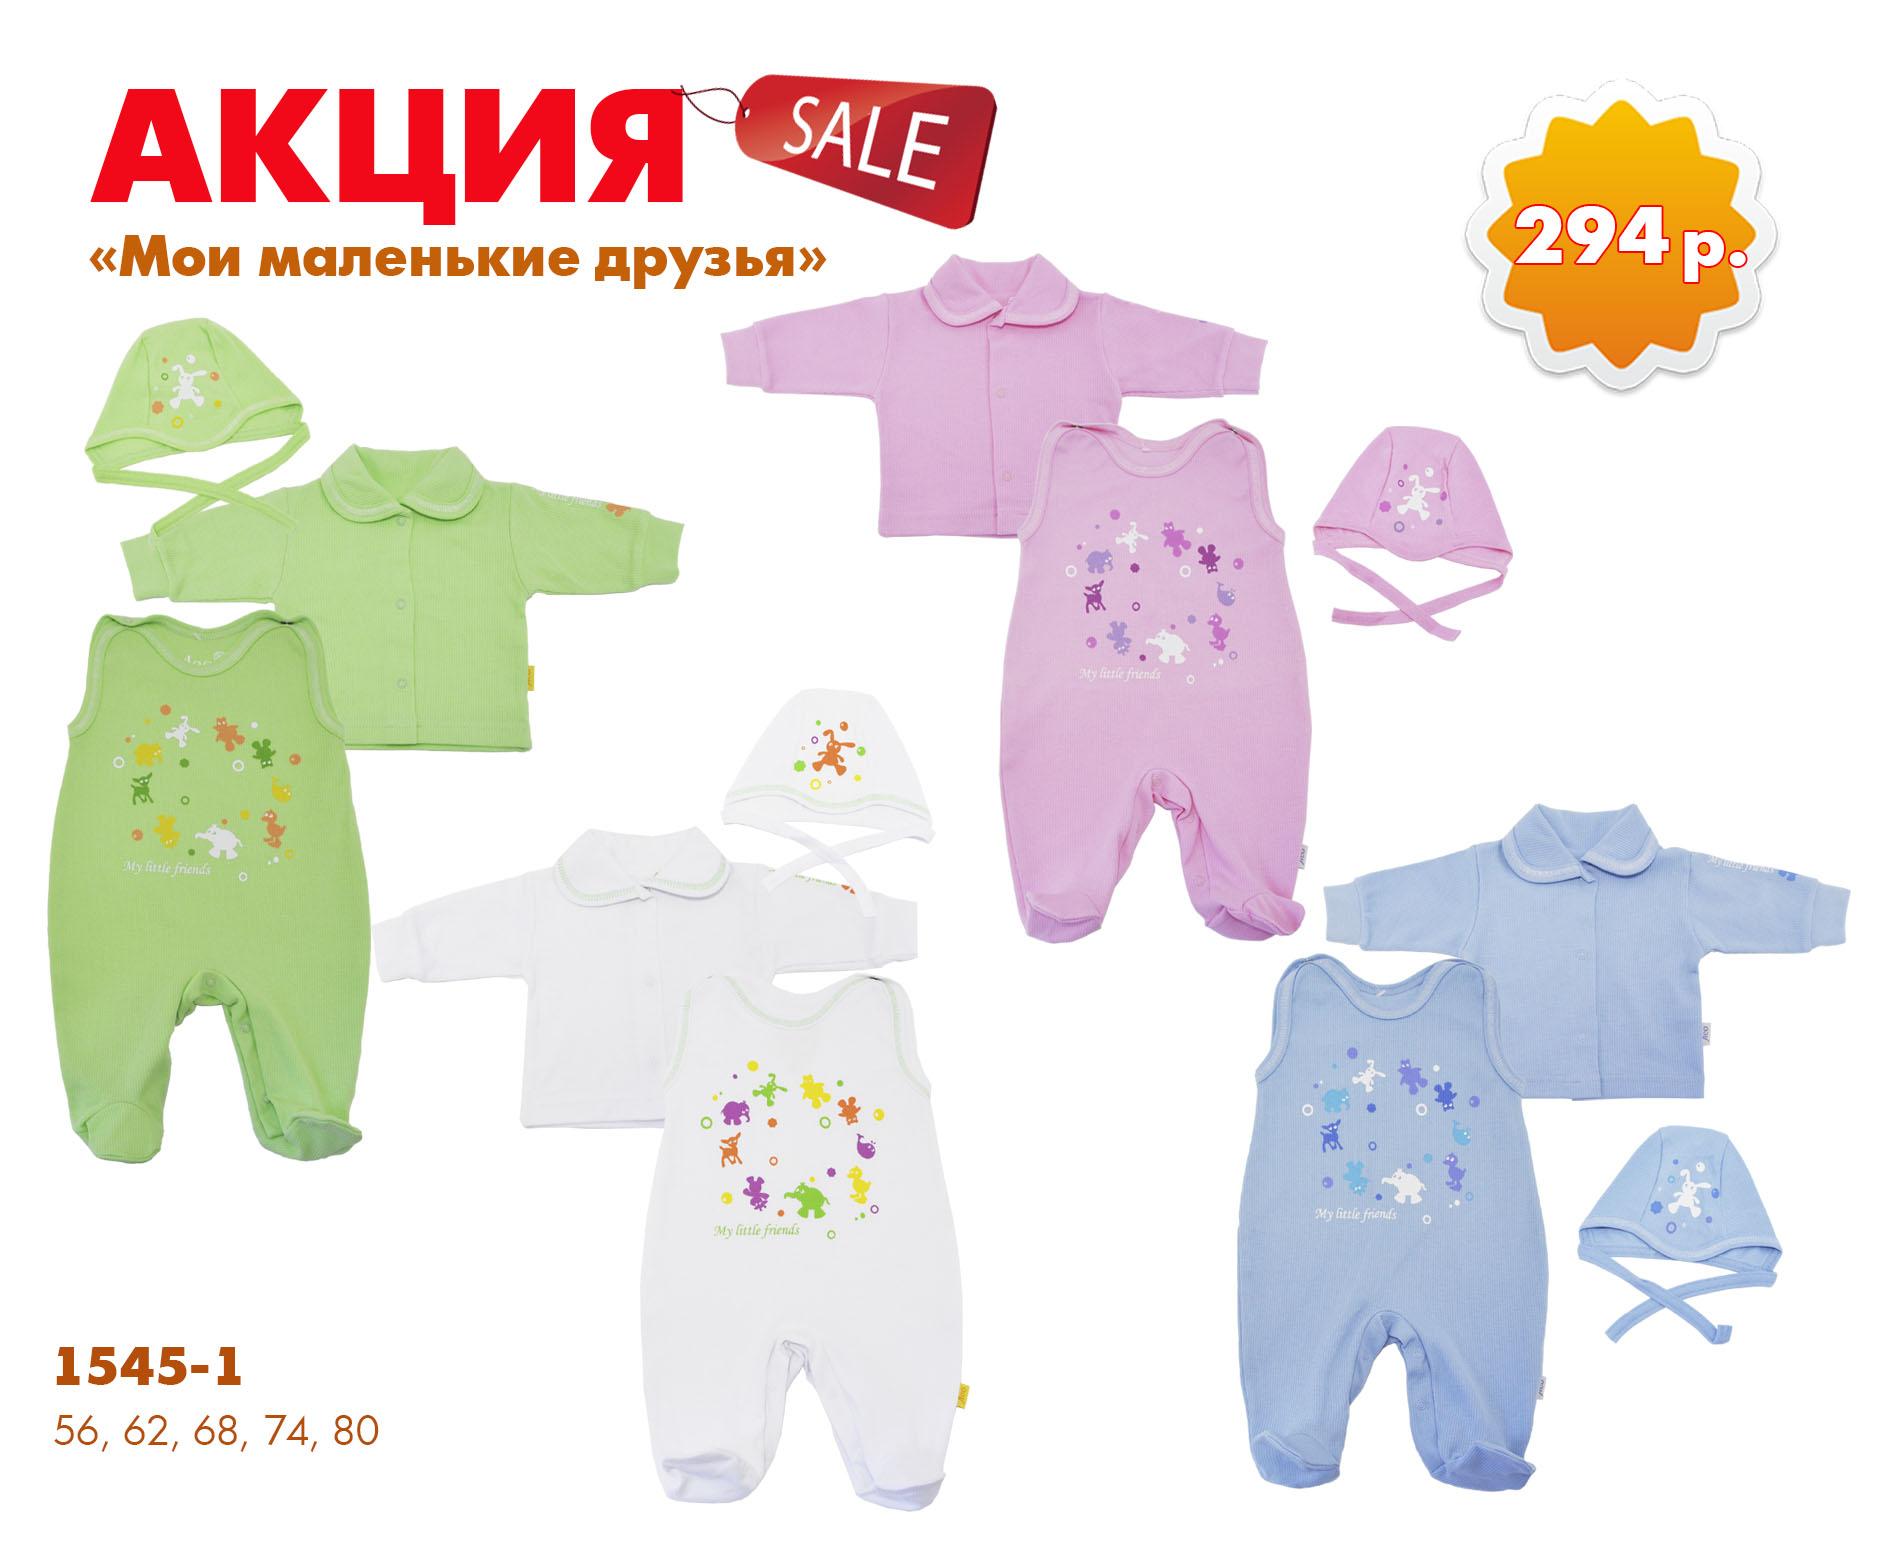 ВАУ!!!Вот это распродажа!Нарядим наших деток к лету.Цены от 25 рублей.